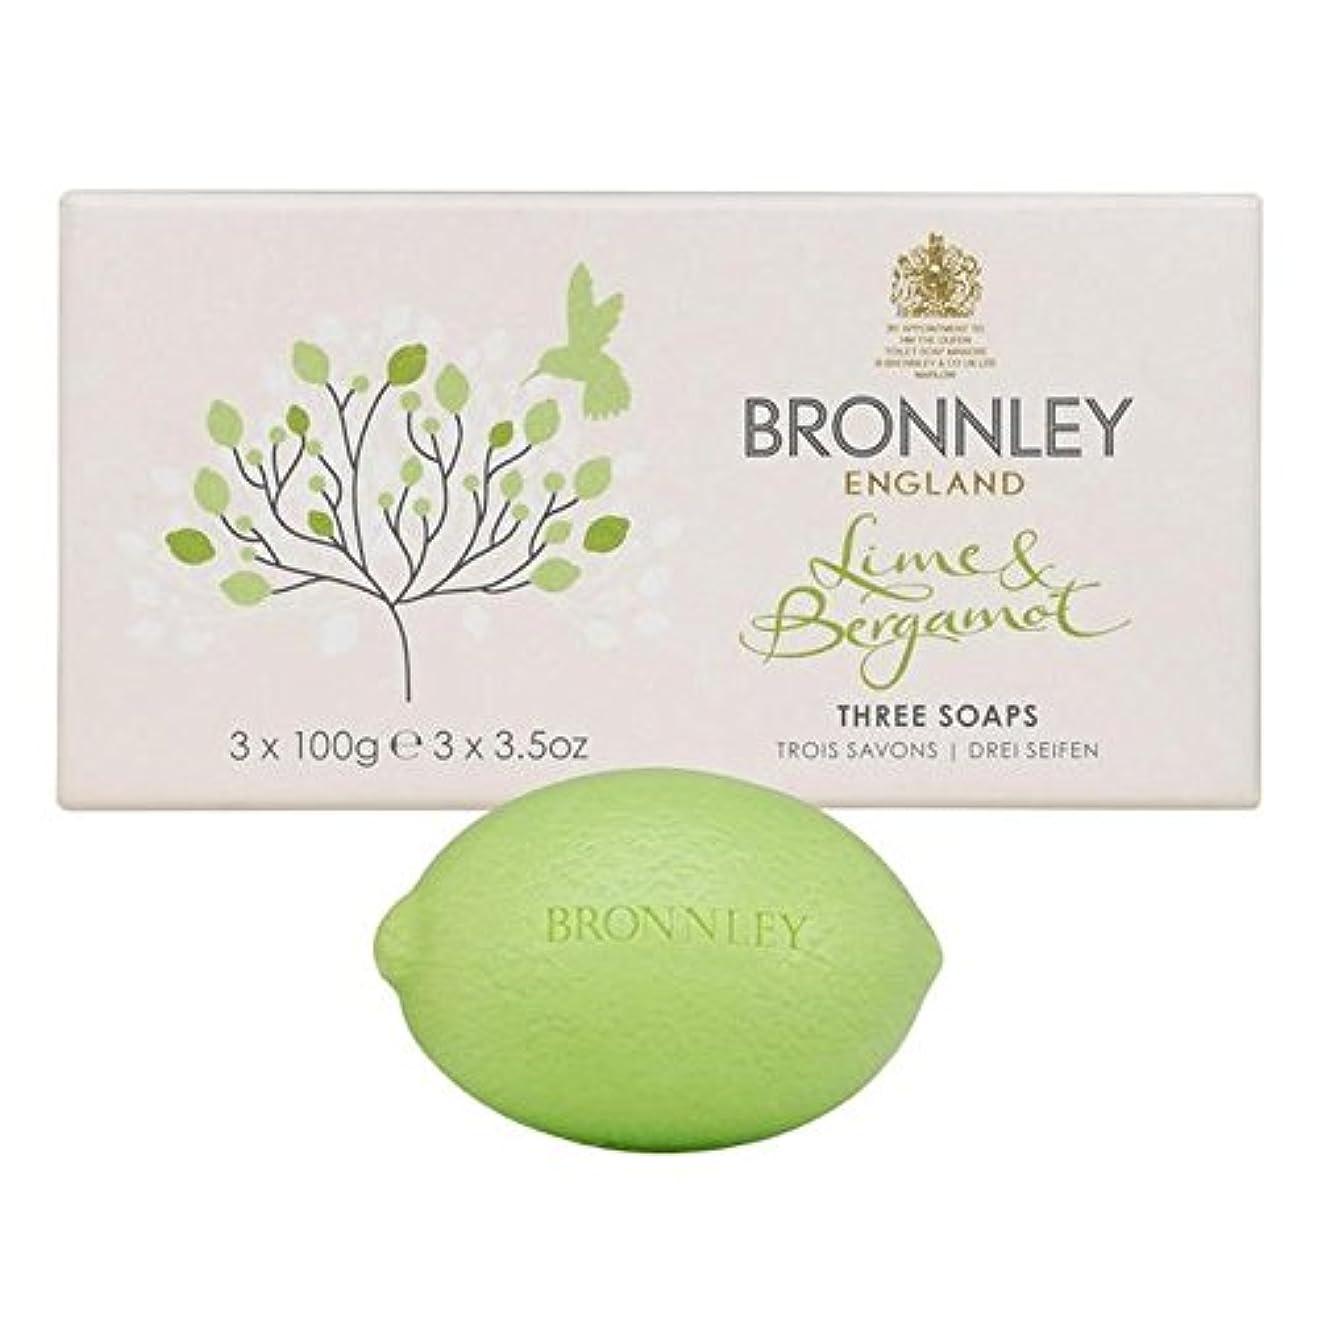 発送現実的特許ライム&ベルガモット石鹸3×100グラム x4 - Bronnley Lime & Bergamot Soap 3 x 100g (Pack of 4) [並行輸入品]